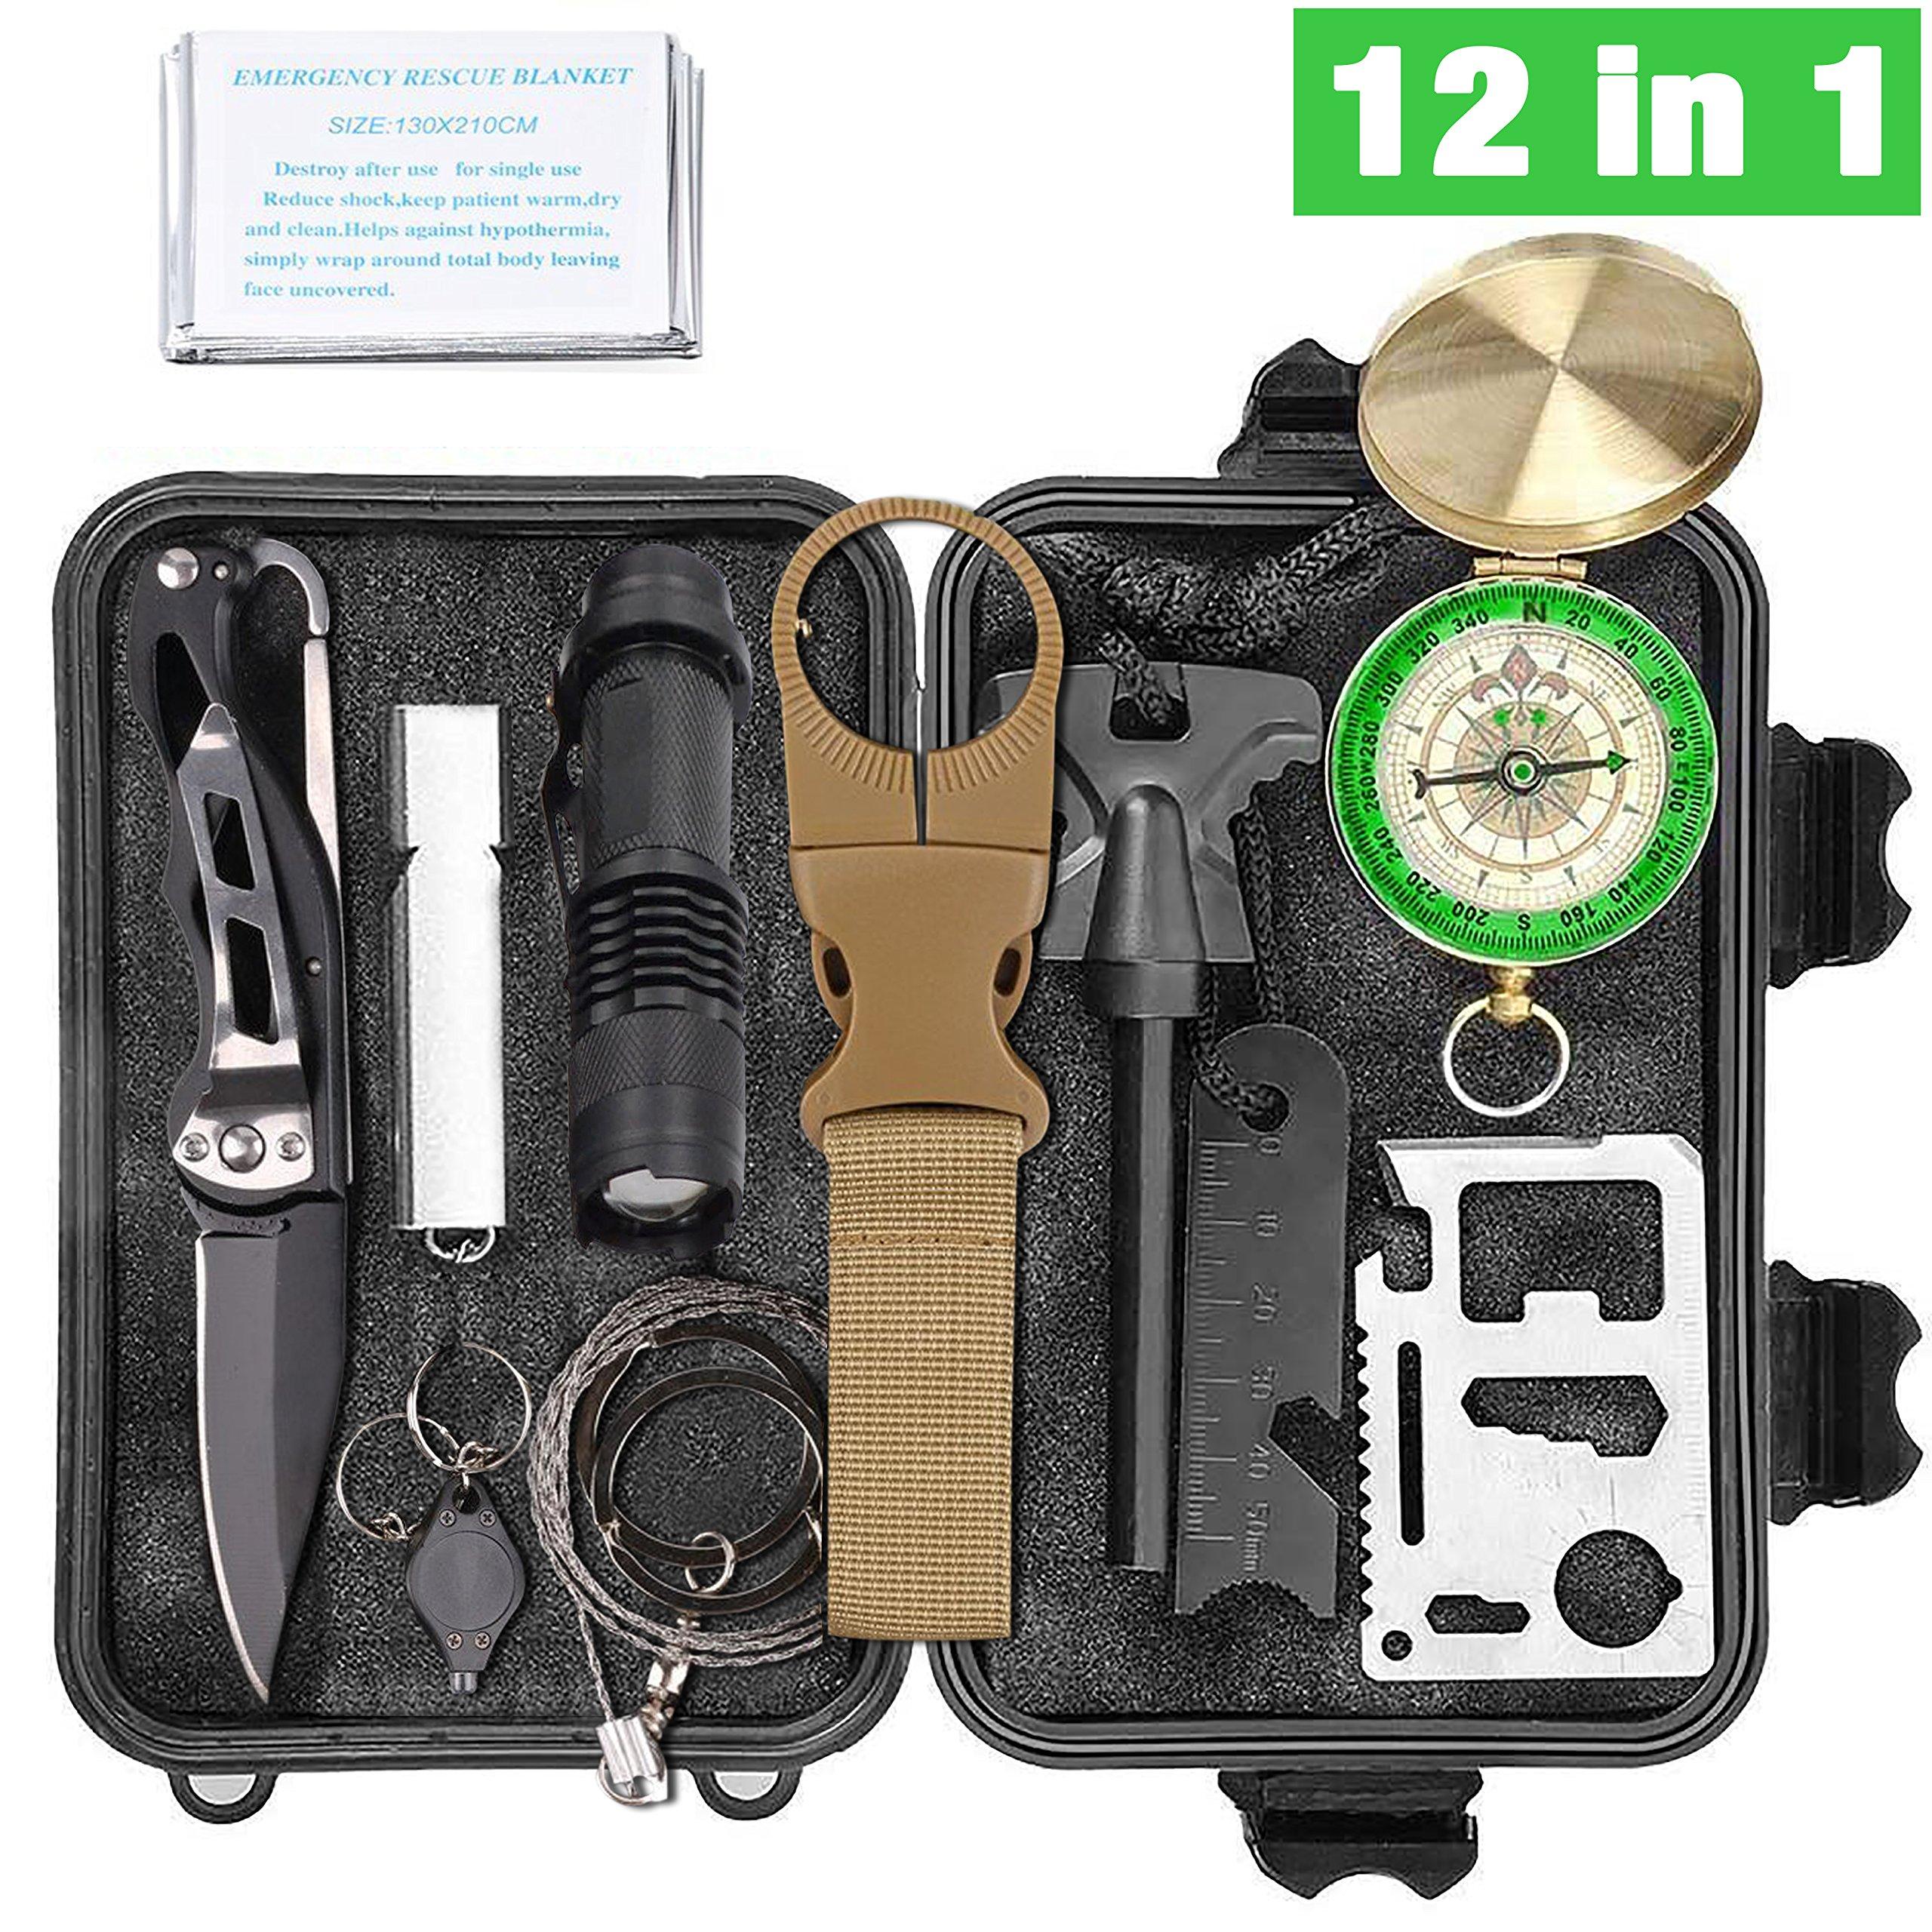 Kit de survie d\'urgence 12 en 1-Trousse Multi outils de survie professionnelle-Équipement complet de défense pour voyager, randonnée, cyclisme, escalade, camping et chasse en plein air, montagne, nature et forêt.